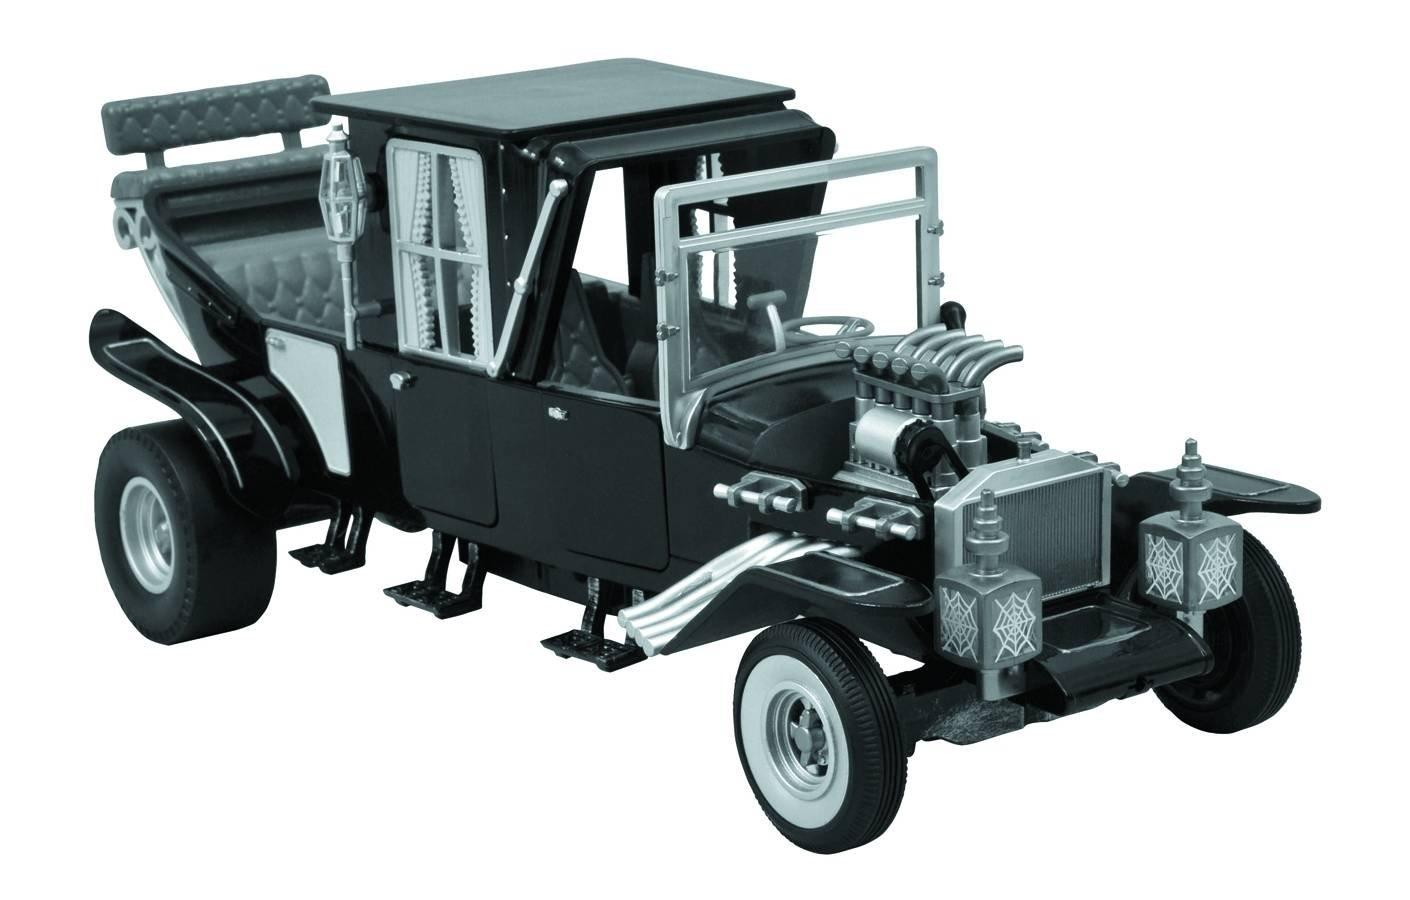 Munsters Familie Maßstab 1  15 Schreien Elektronische Fahrzeug